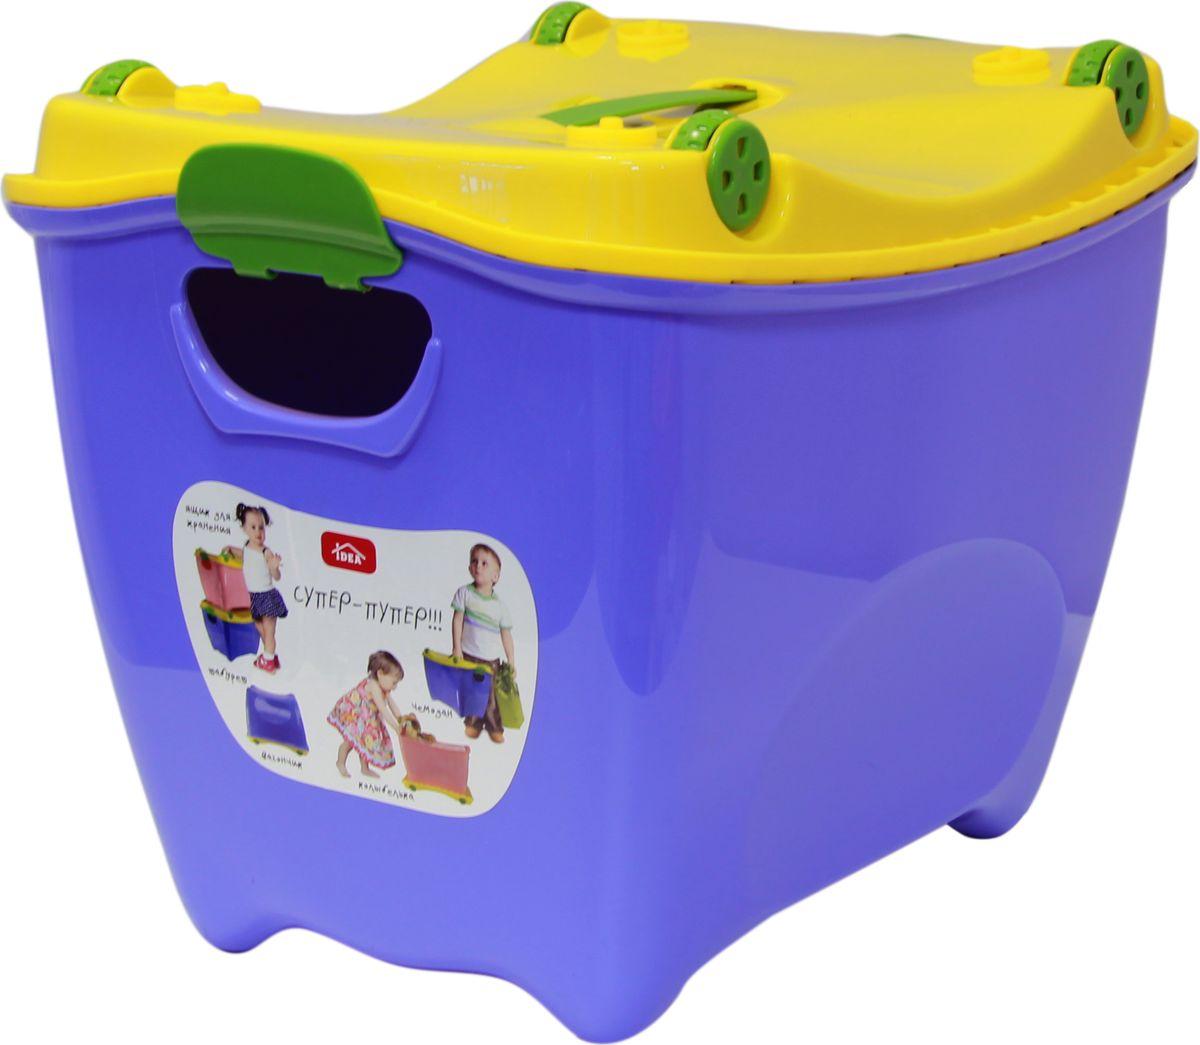 Idea Ящик для игрушек Супер-пупер цвет сиреневый 30,5 х 40 х 30,5 смМ 2599 сиренВместительный легкий ящик с яркой крышкой для хранения игрушек или одежды удобно разместится в комнате ребенка. Ящик для игрушек декорирован с помощью современной технологии, благодаря которой декор надежно держится на изделии. Ящики легко штабелируются, как с закрытыми крышками, так и без них, что позволяет рационально использовать пространство. Ящик безопасен даже для самых маленьких детей, благодаря своей конструкции с закругленными углами. Помыть ящик не составляет никакого труда - пластик легко моется и вытирается от пыли, что особенно важно, когда ребенок совсем еще маленький. Ящики производятся из экологически чистого сырья - это необходимо для здоровья ребенка.